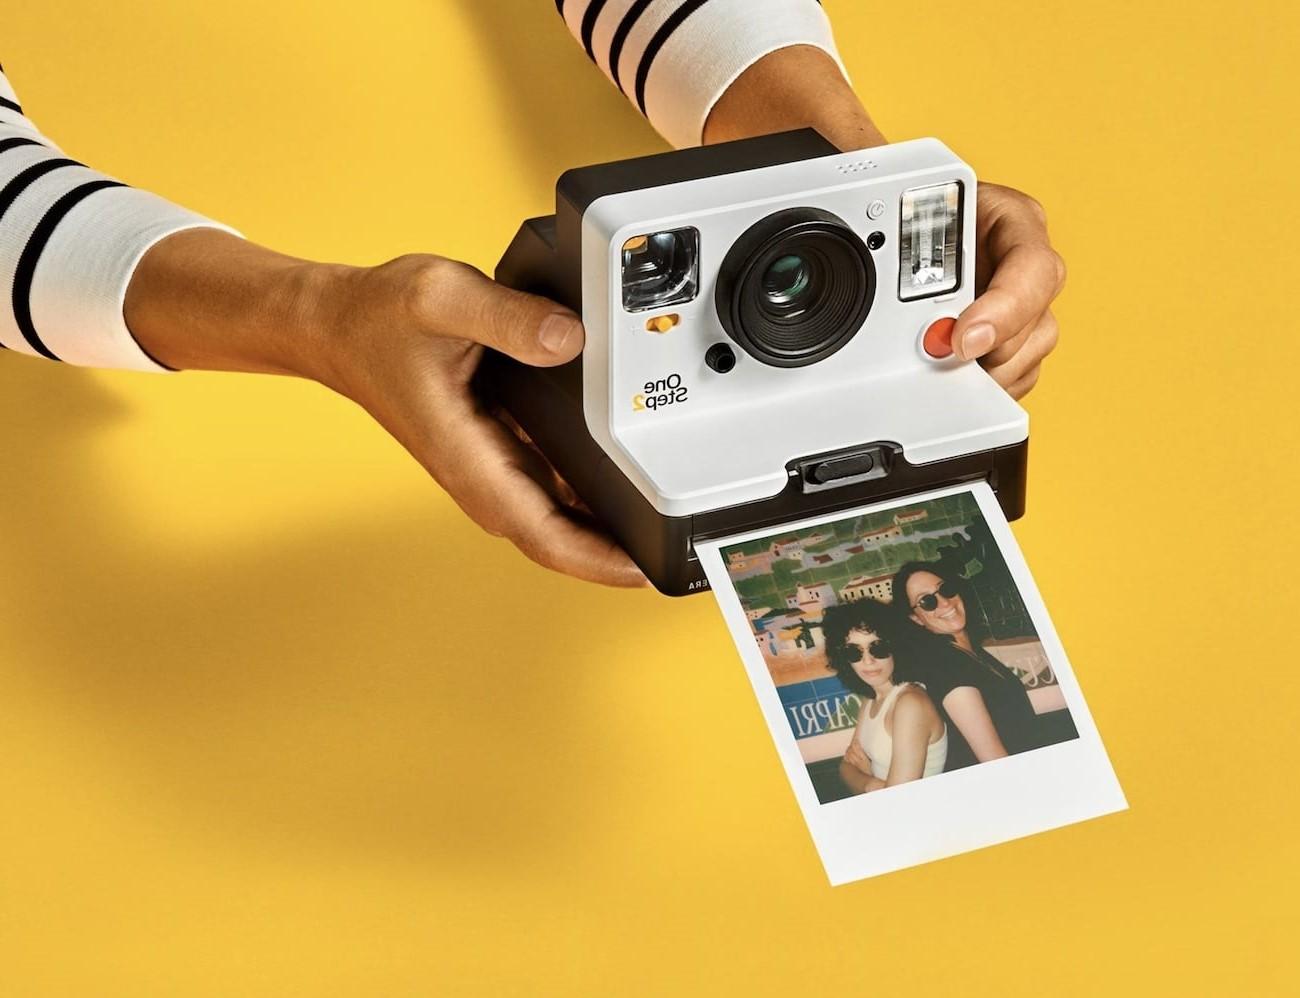 Cadeau de Noël pour fille: appareil photo instantané.